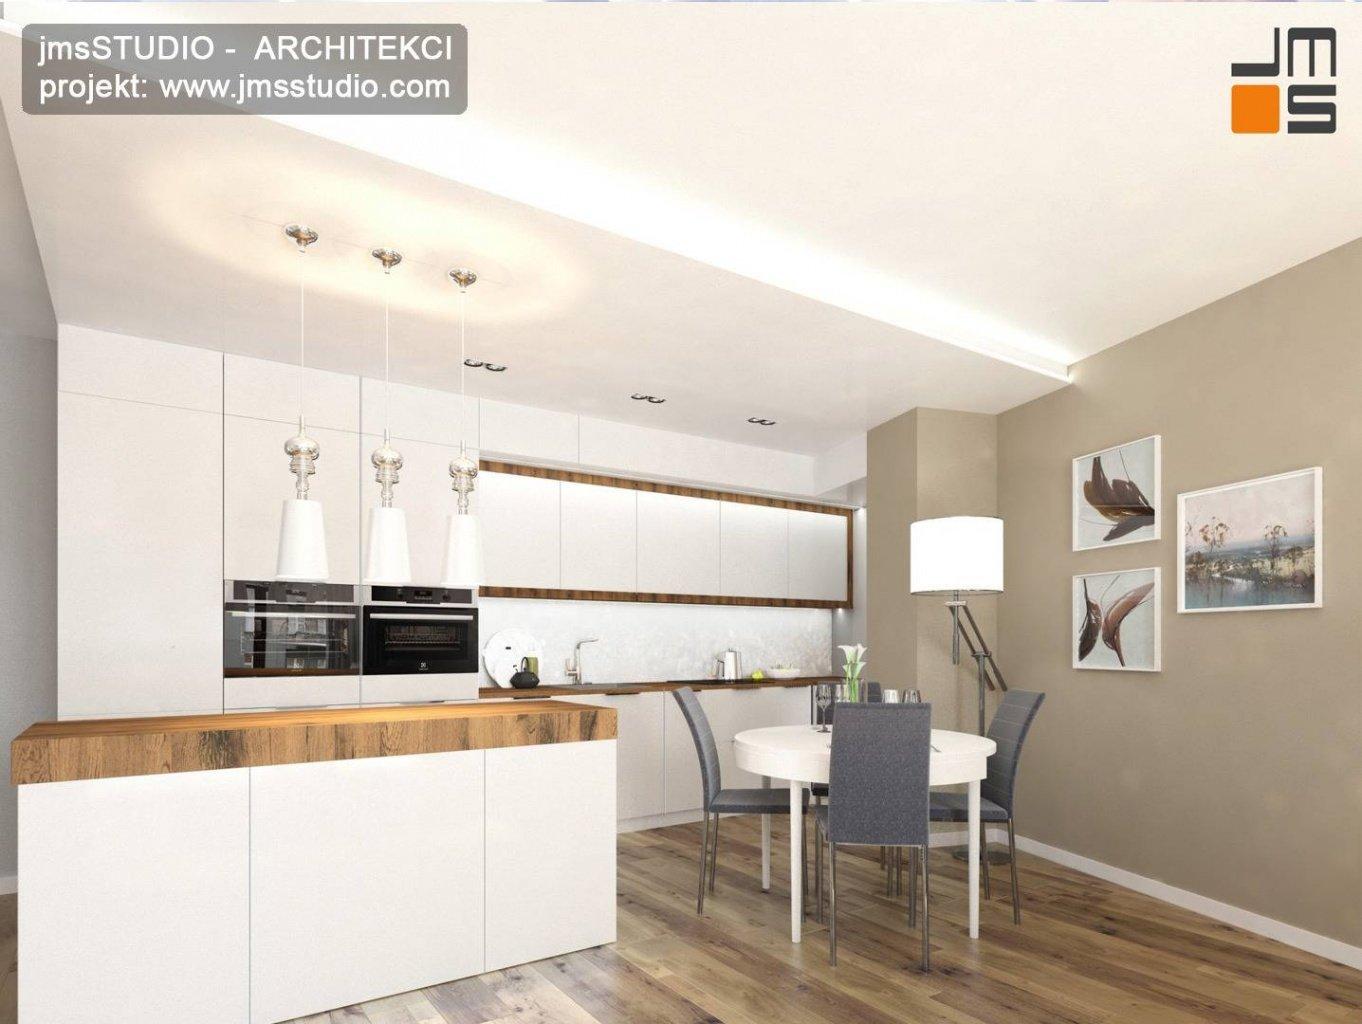 projekt wnetrz kraków kuchnia meble lakier eleganckie wnętrze